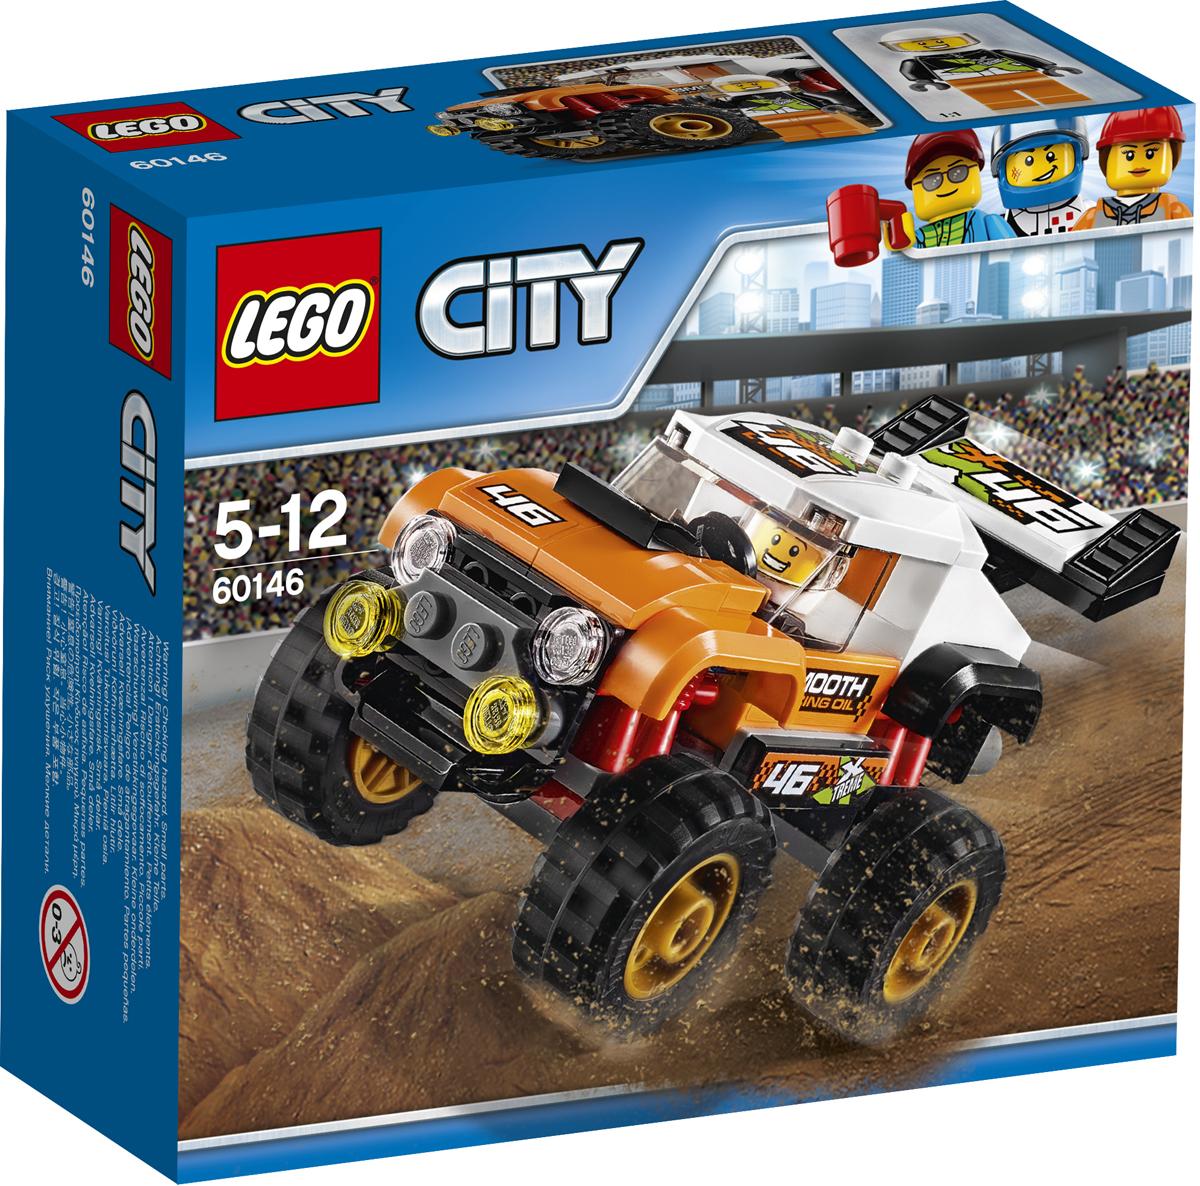 LEGO City Конструктор Внедорожник каскадера 60146 lego city конструктор внедорожник каскадера 60146